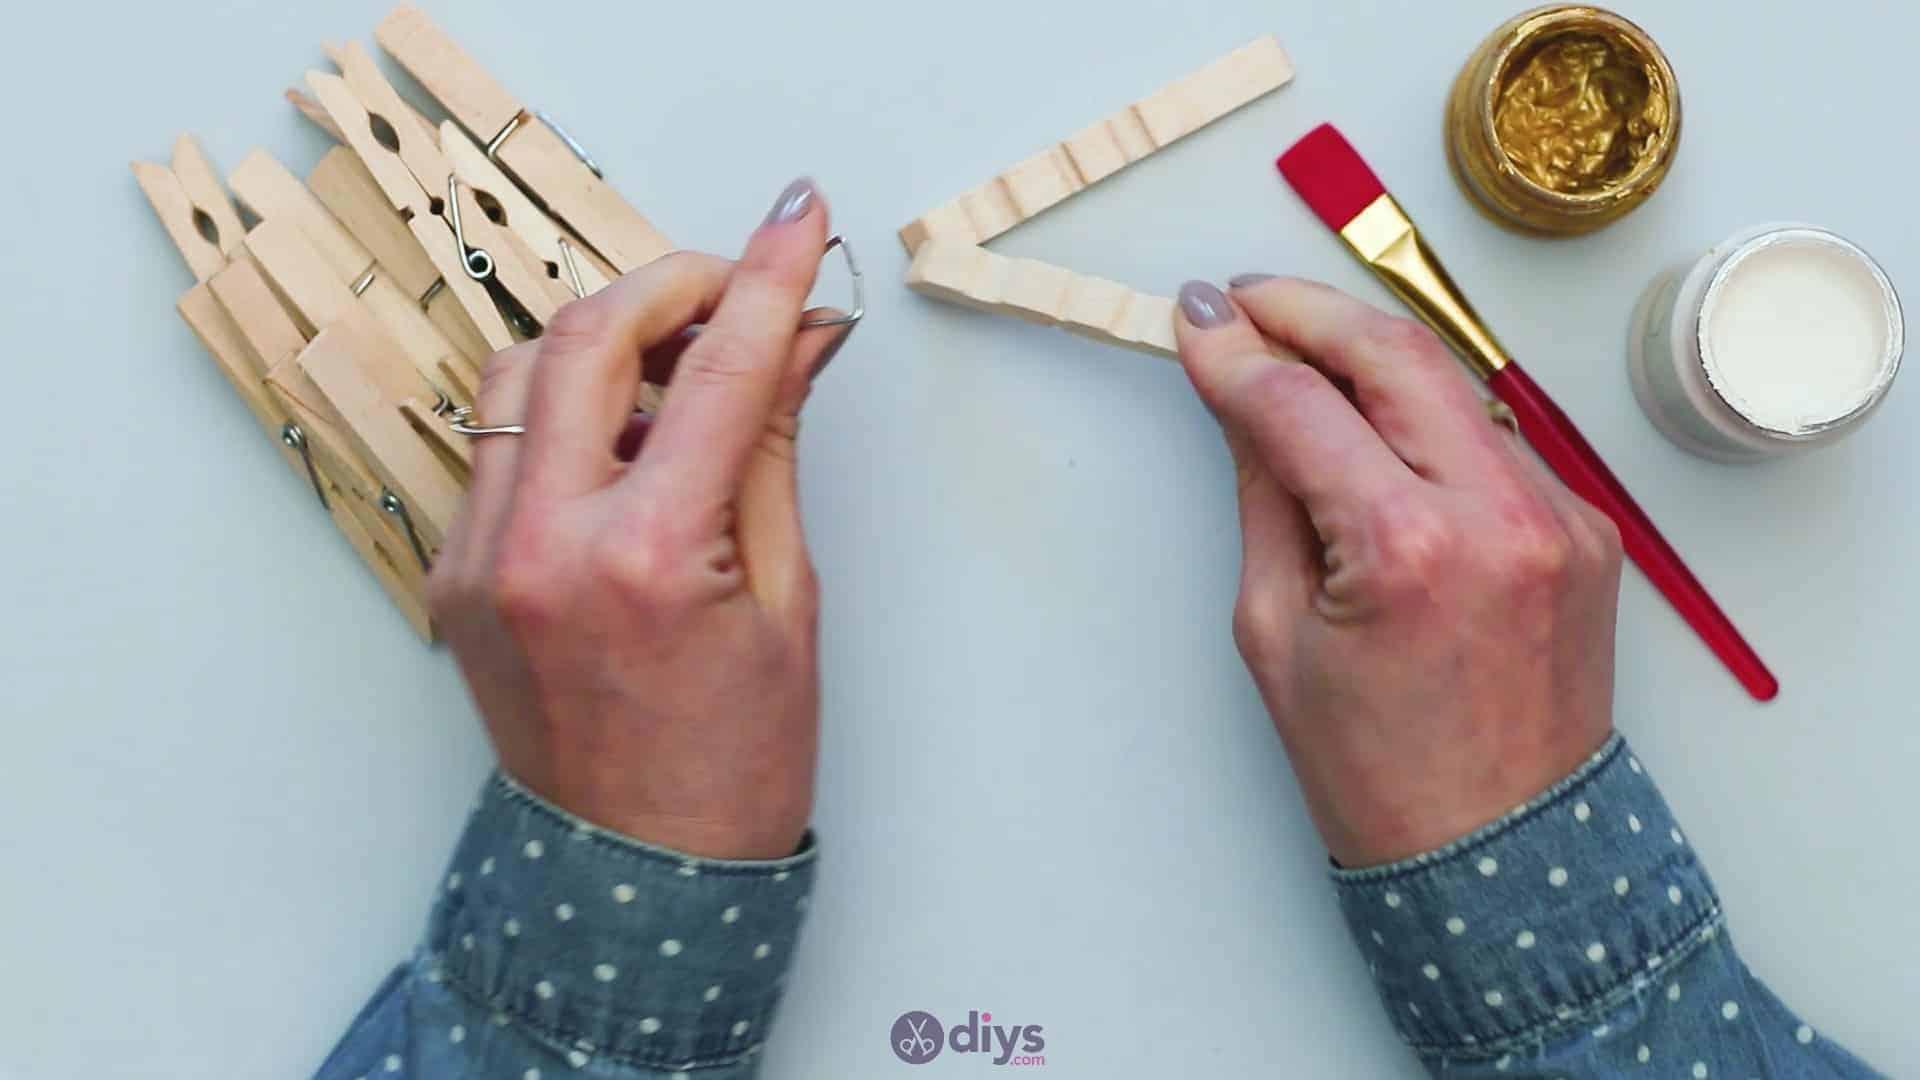 Diy clothespin art step 1c